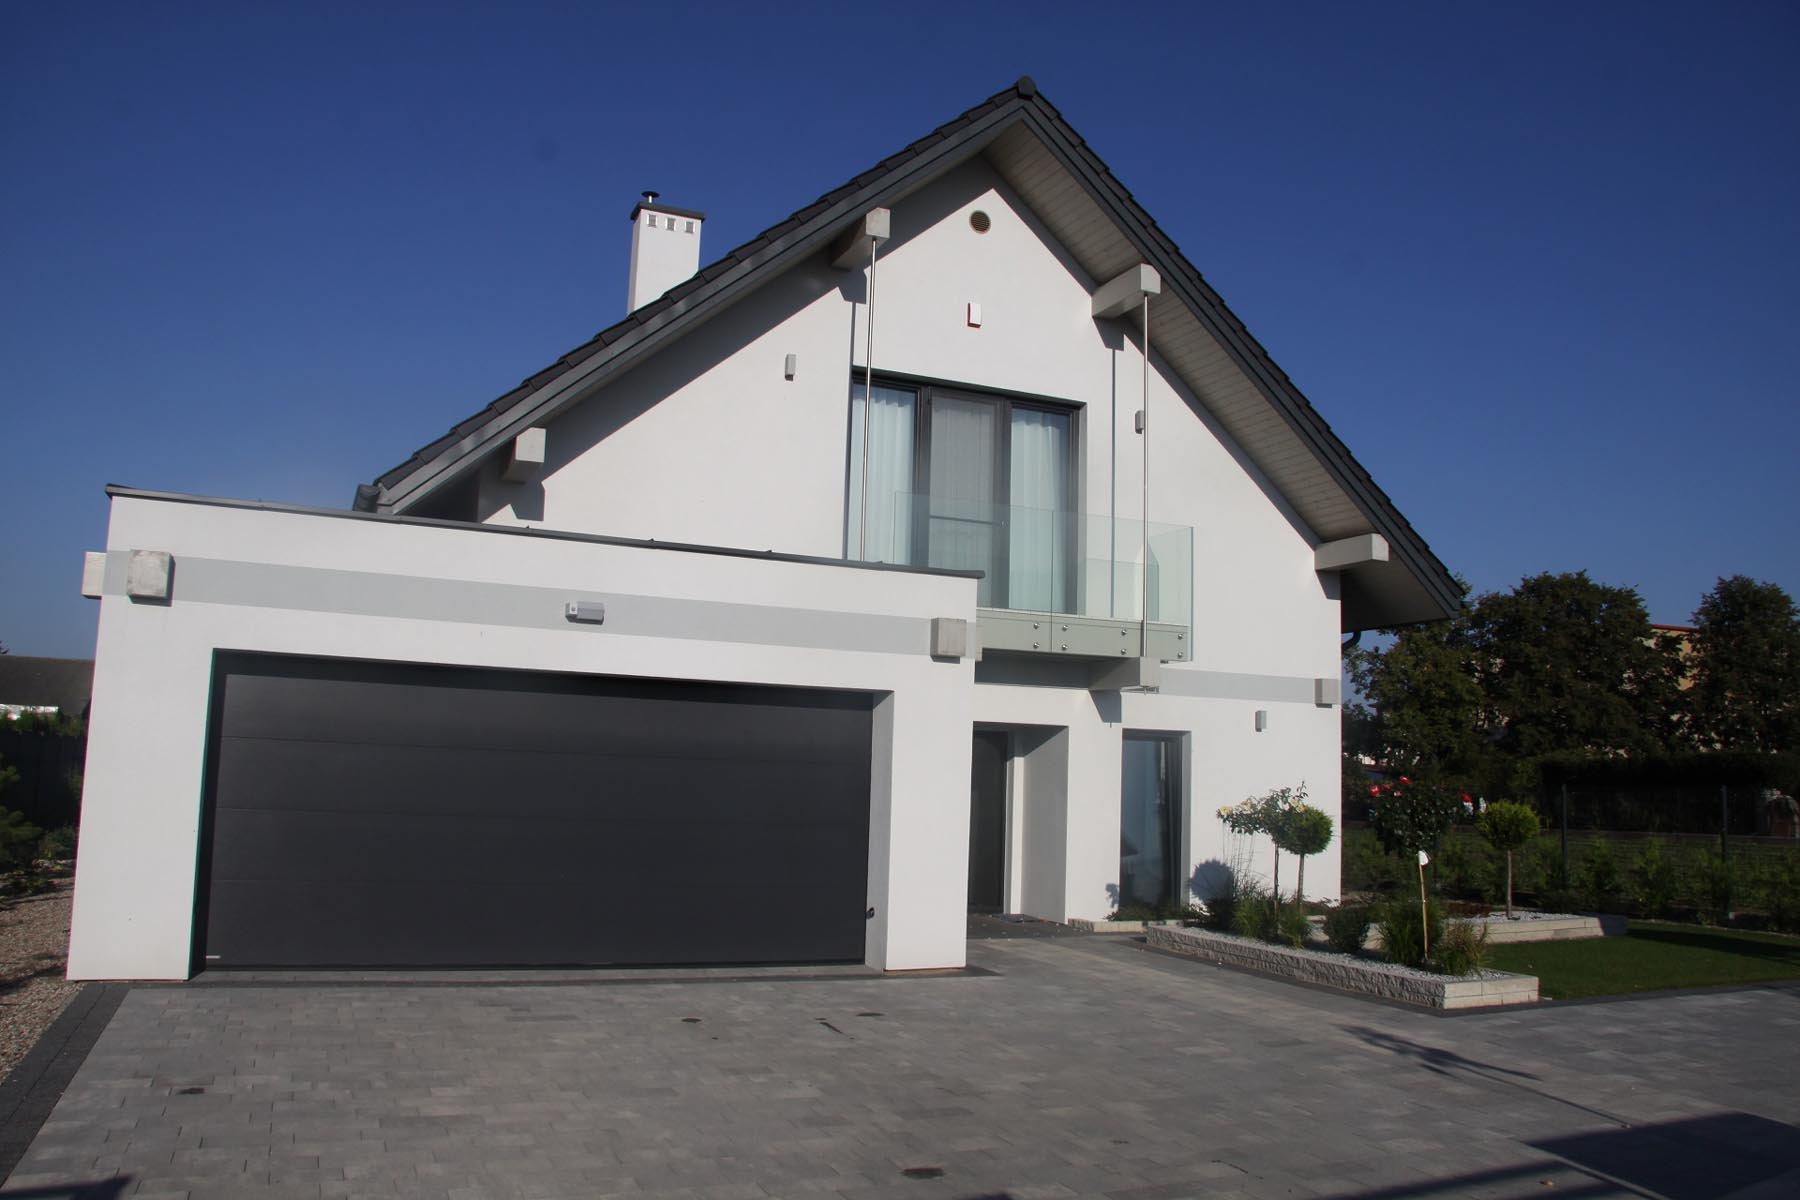 projekt-domu-otwarty-4-fot-11-1477055684-tawp_ldj.jpg